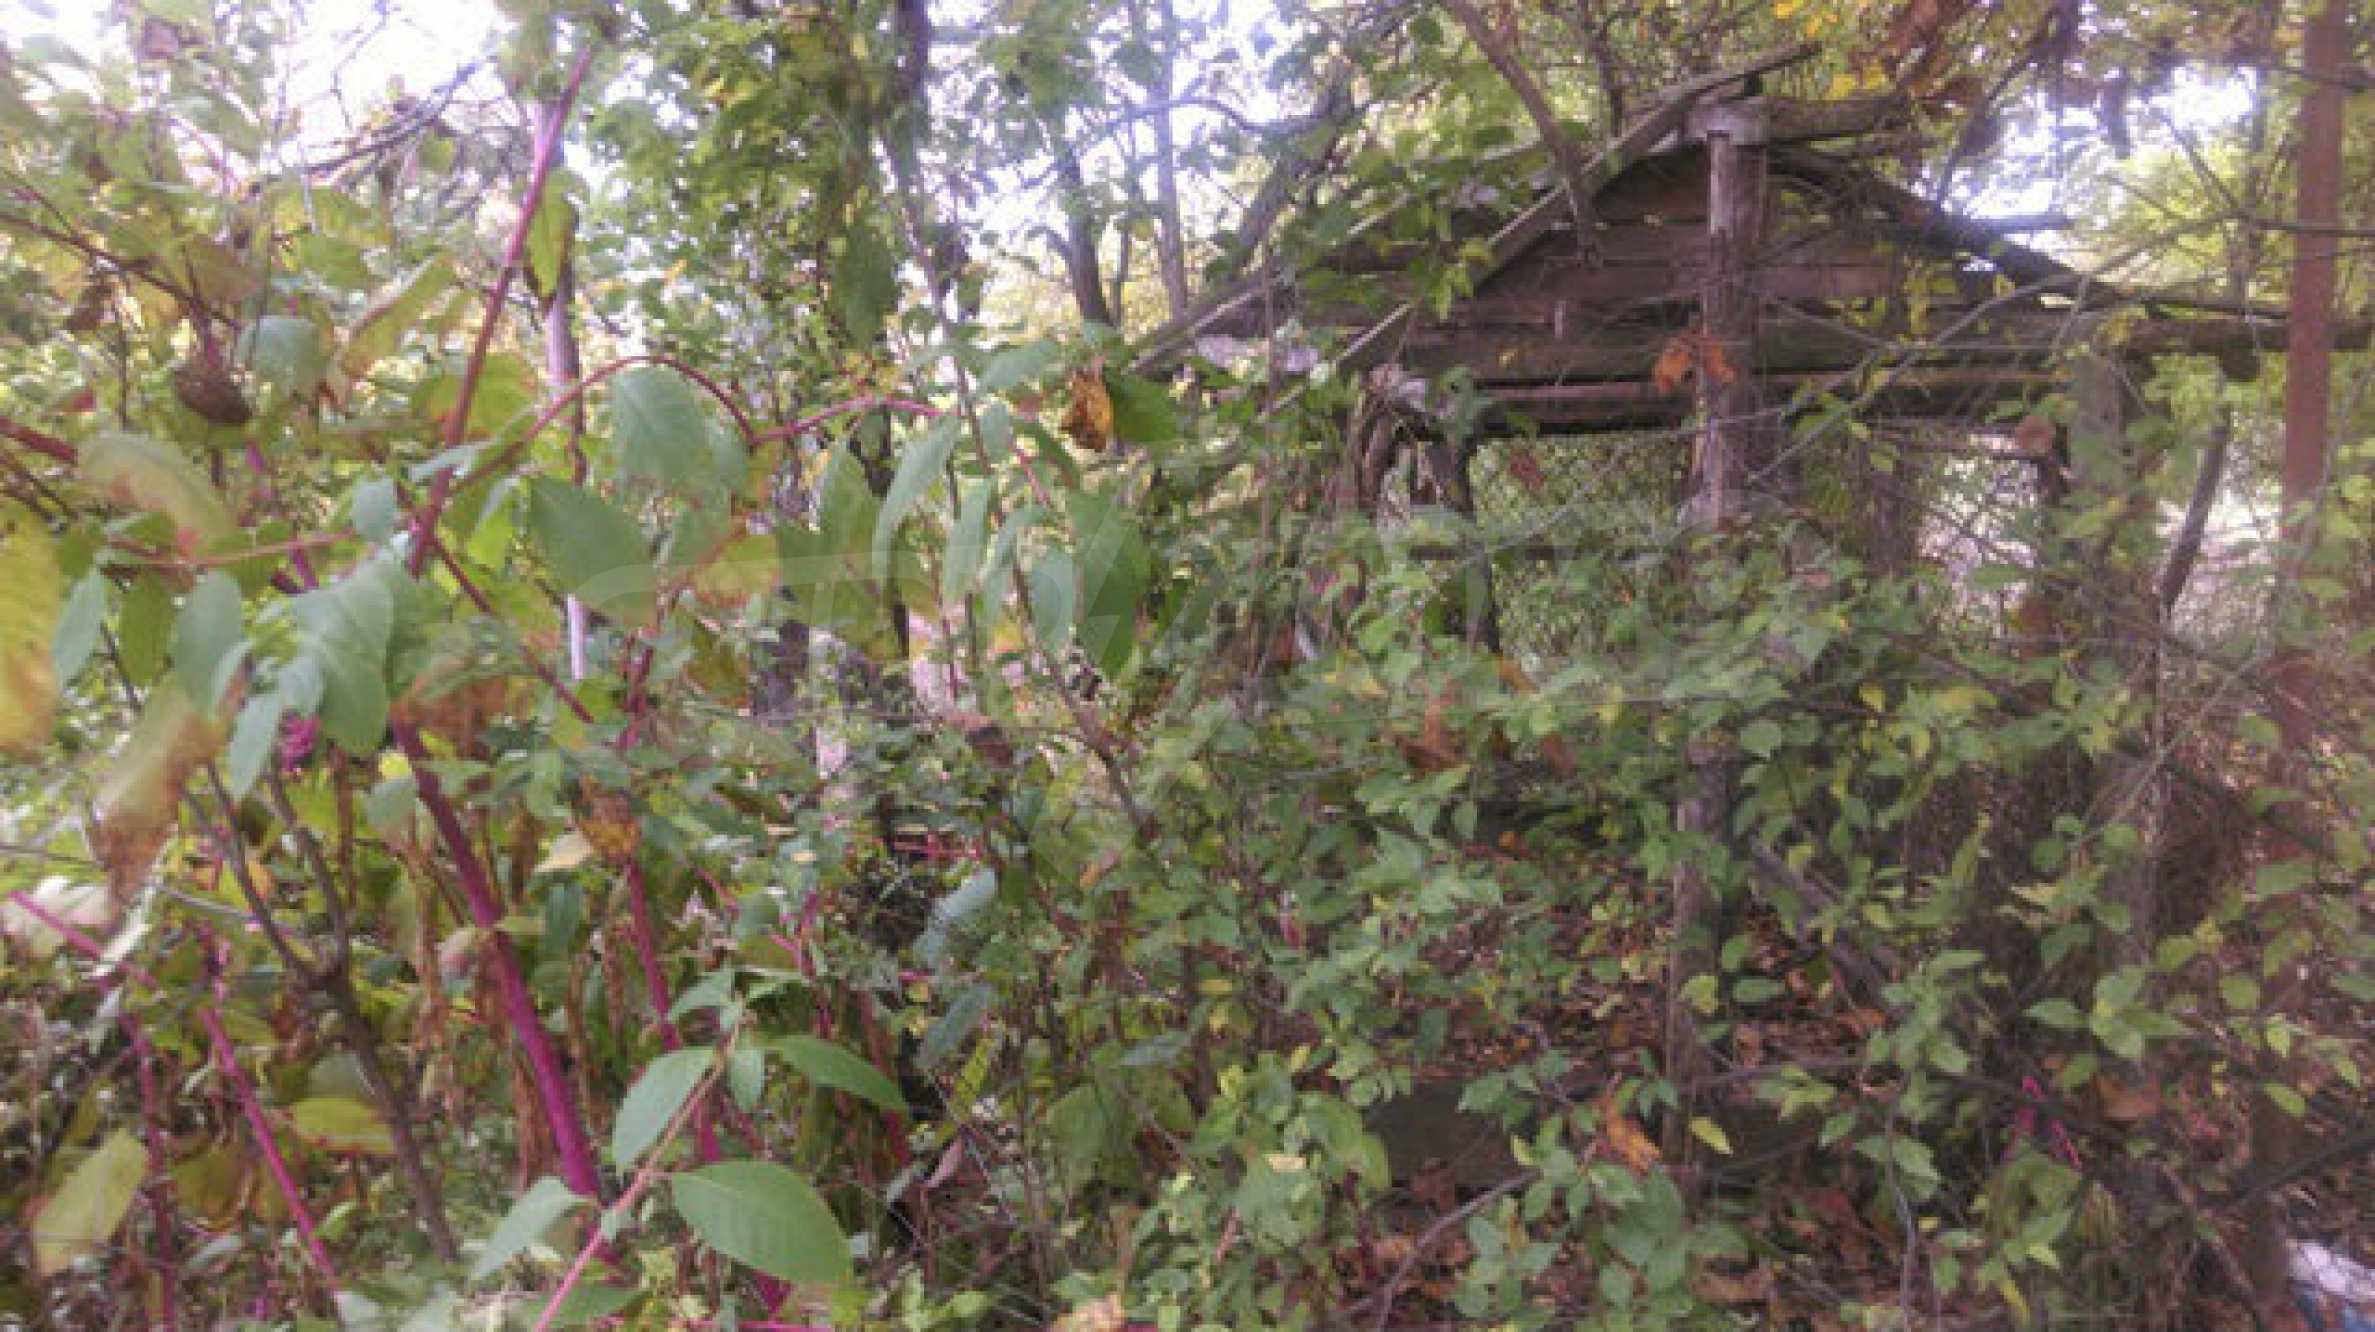 Backsteinhaus mit großem Garten in der Nähe von Mineralquellen und der Donau 63